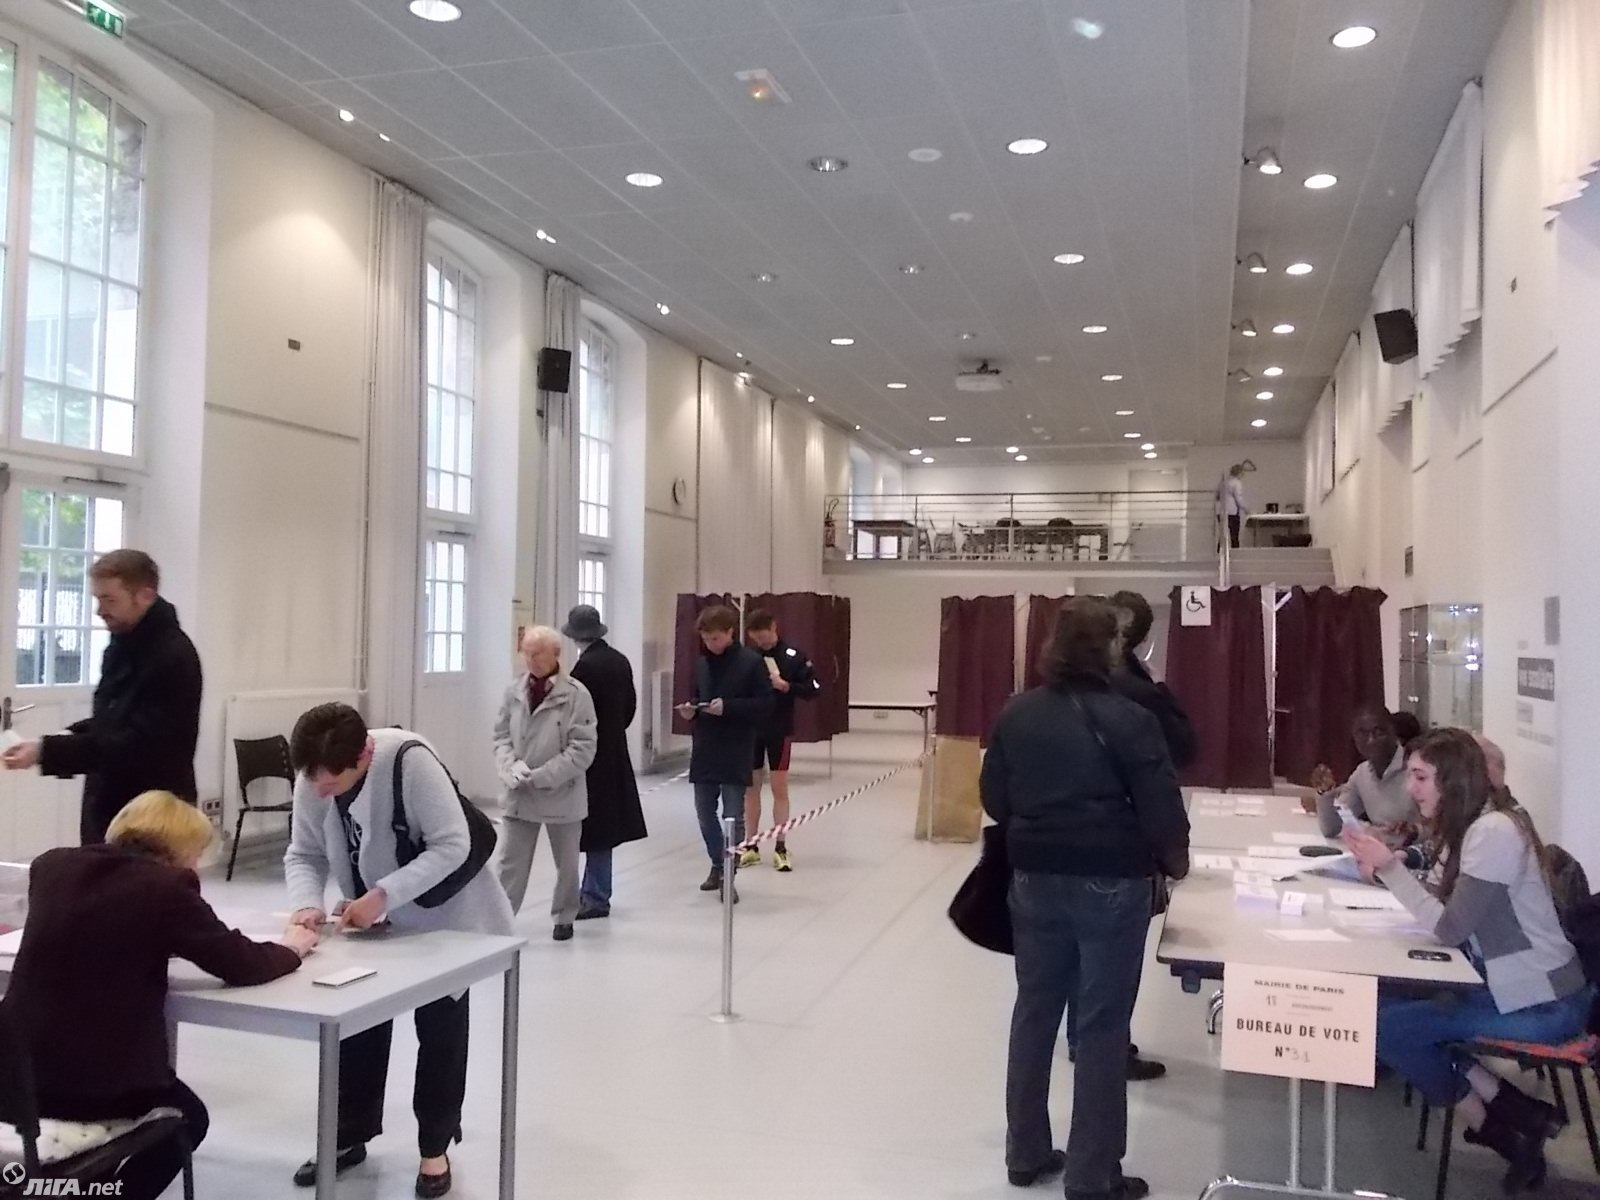 Избирательные участки открылись во Франции в 8:00 по местному времени (9:00 по киевскому времени) и закроются в 19:00.